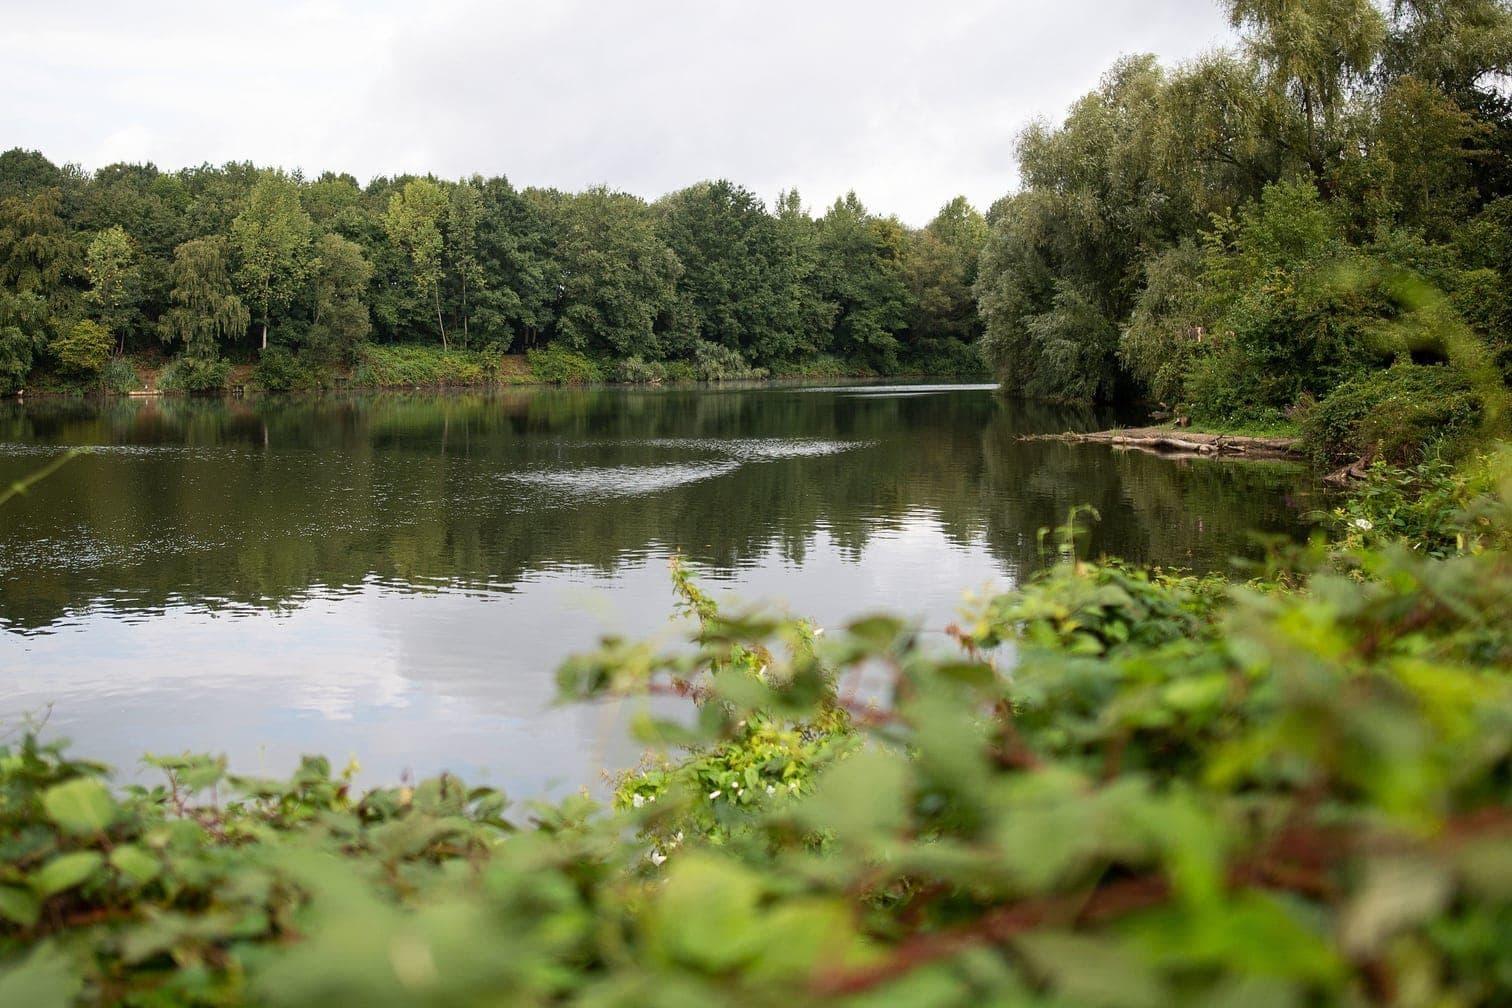 <p>Zuerst hatten Angler die Anakonda am Donnerstag im Latumer See gesehen und die Stadt alarmiert.</p> Foto: dpa